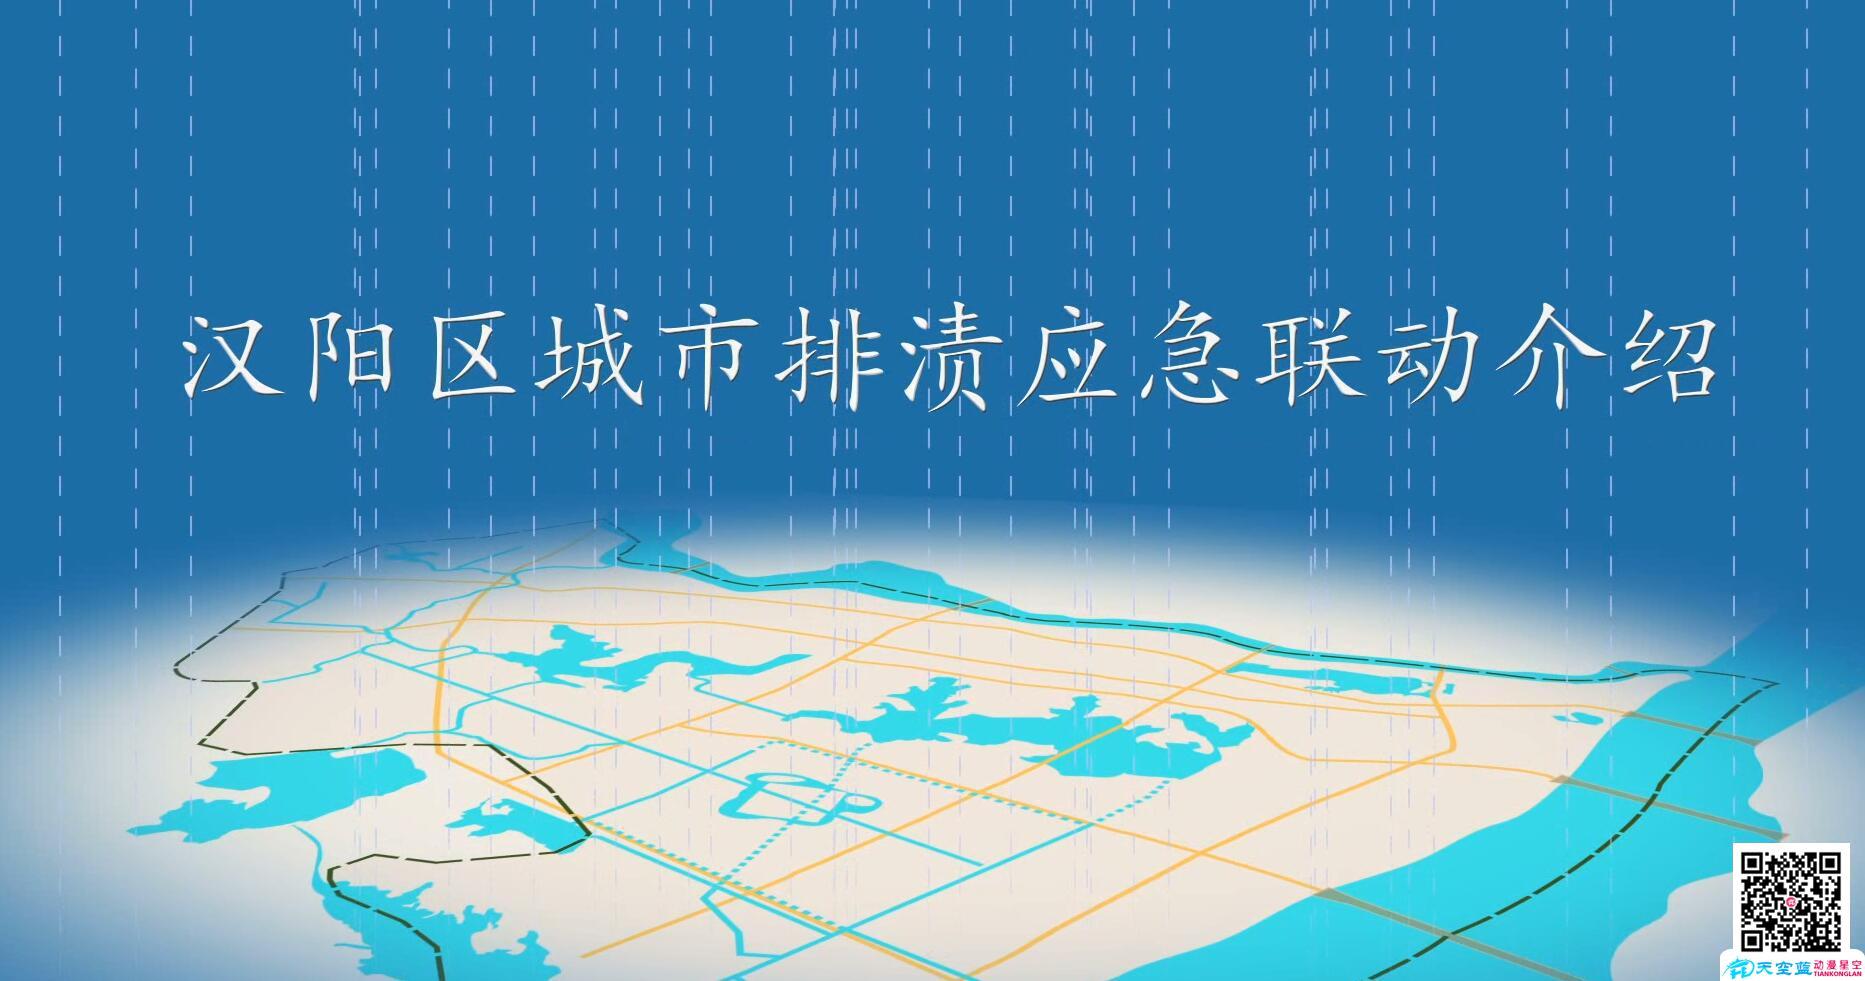 汉阳区城市排渍应急联动介绍.jpg